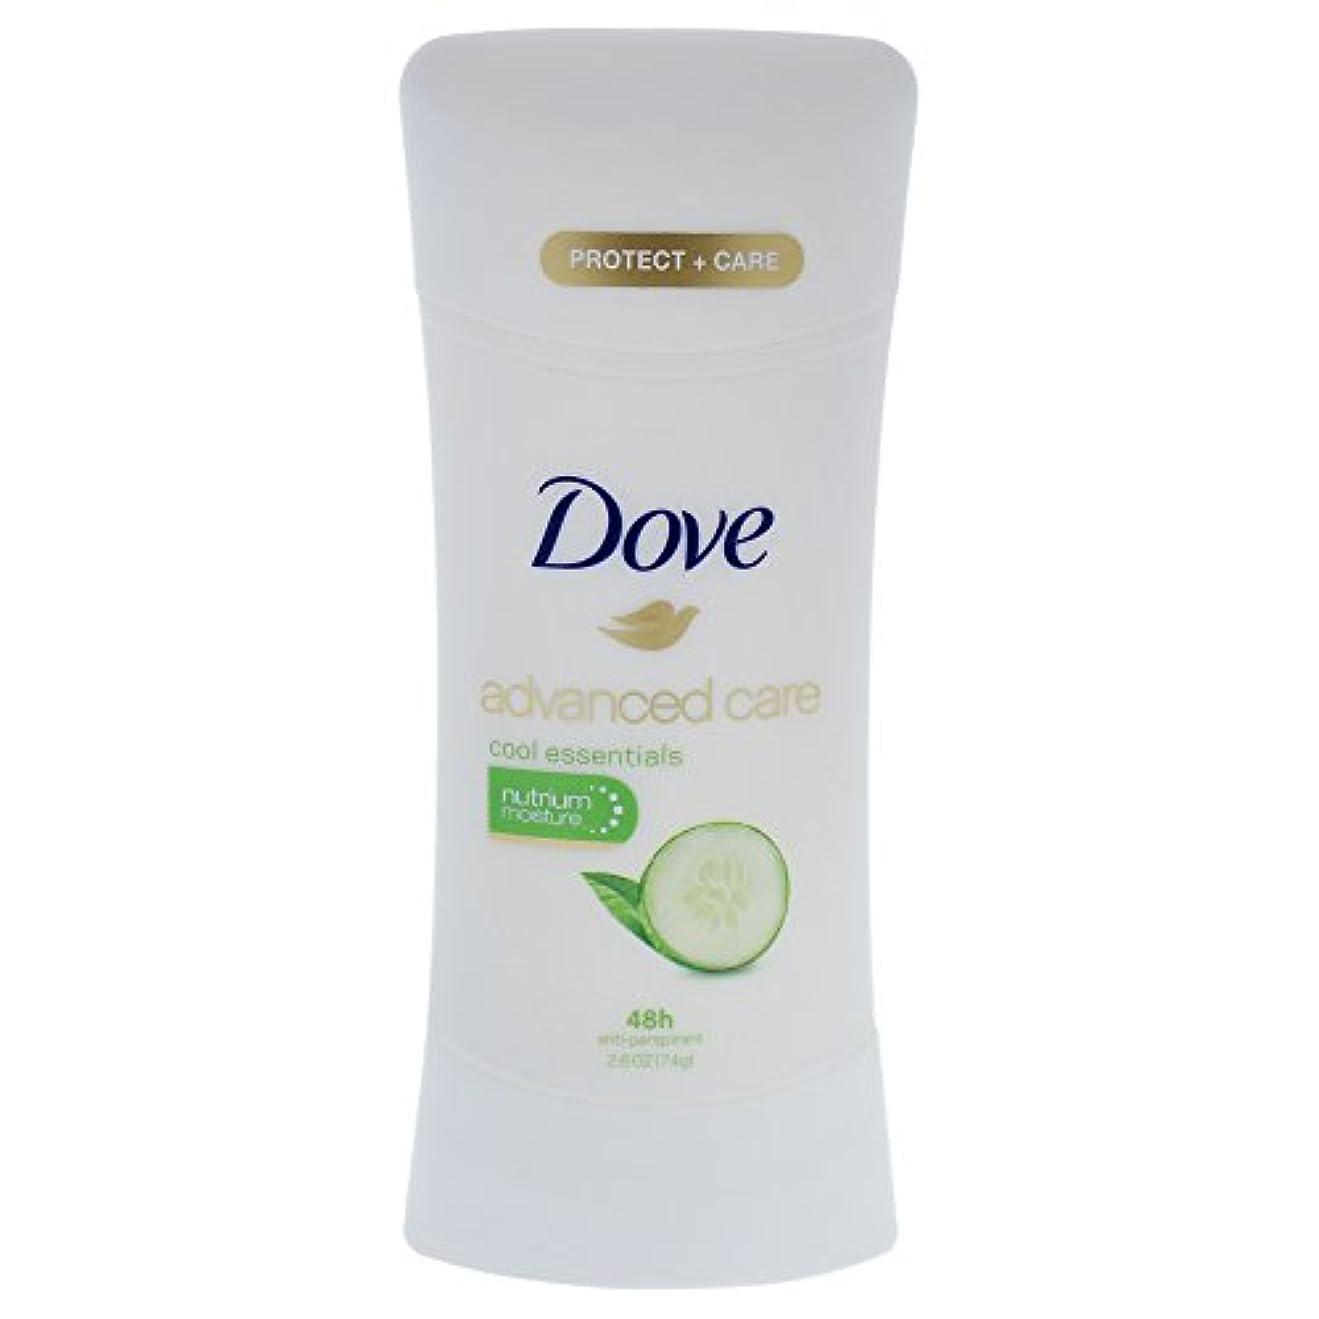 怠グリットの配列Dove Advanced Care Cool Essentials Deodorant - 2.6oz ダブ アドバンスド ケア クールエッセンシャル デオドラント 74g [並行輸入品]